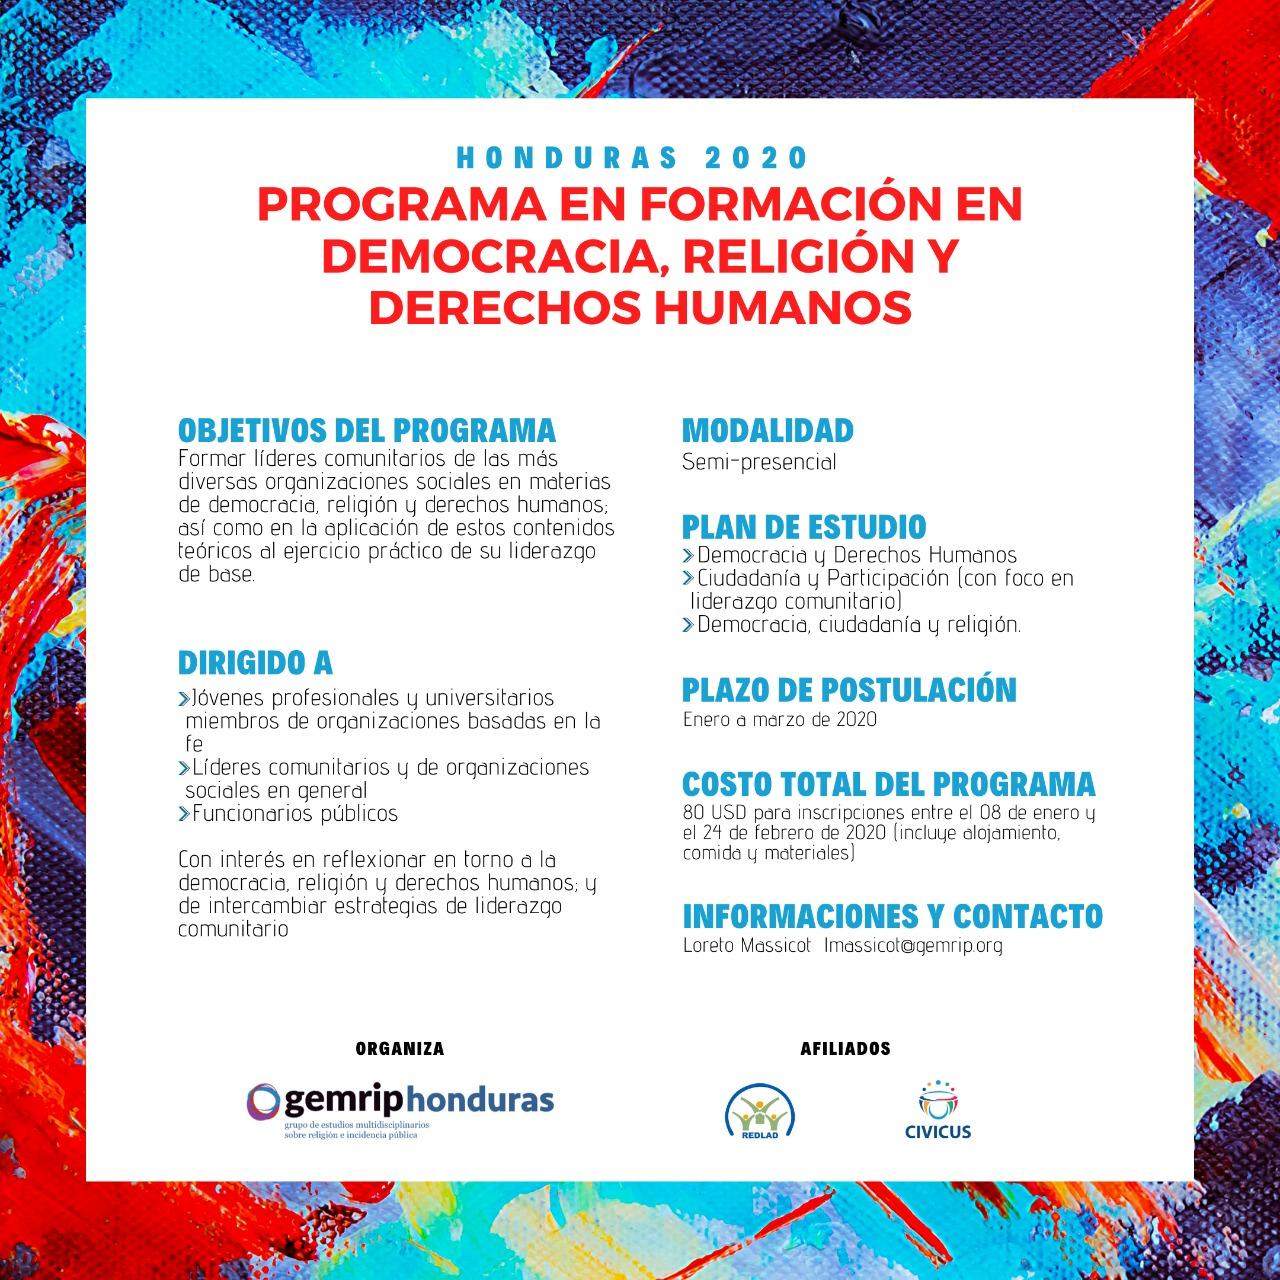 HONDURAS: PROGRAMA DE FORMACIÓN EN DEMOCRACIA, RELIGIÓN Y DERECHOS HUMANOS